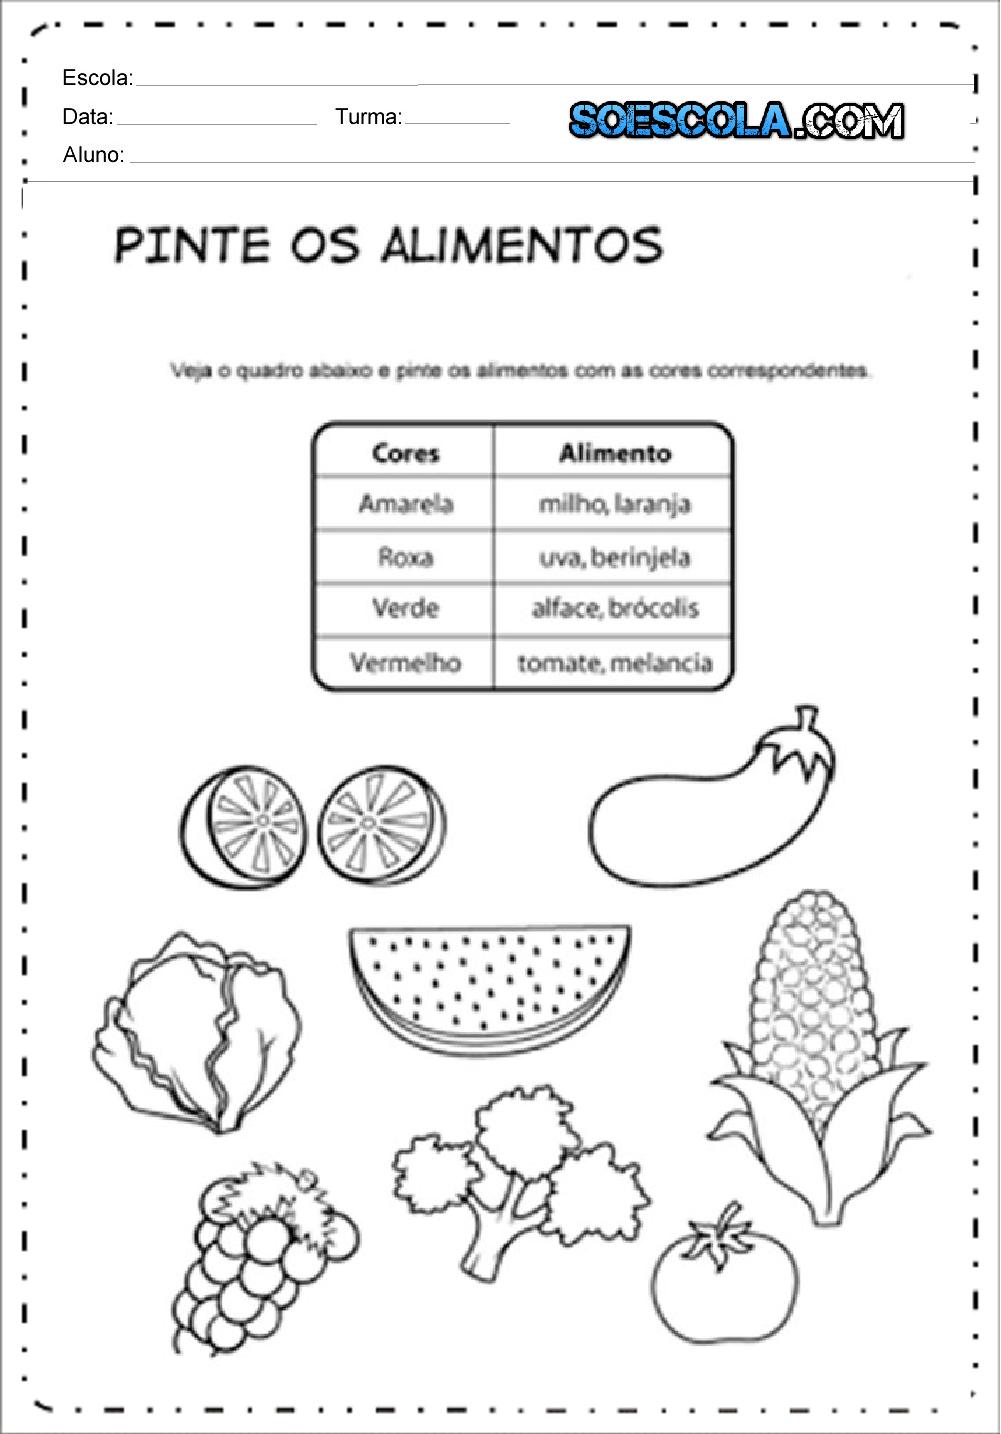 Amado Atividades de Alimentação Saudável 2 ano do Ensino Fundamental. NG94